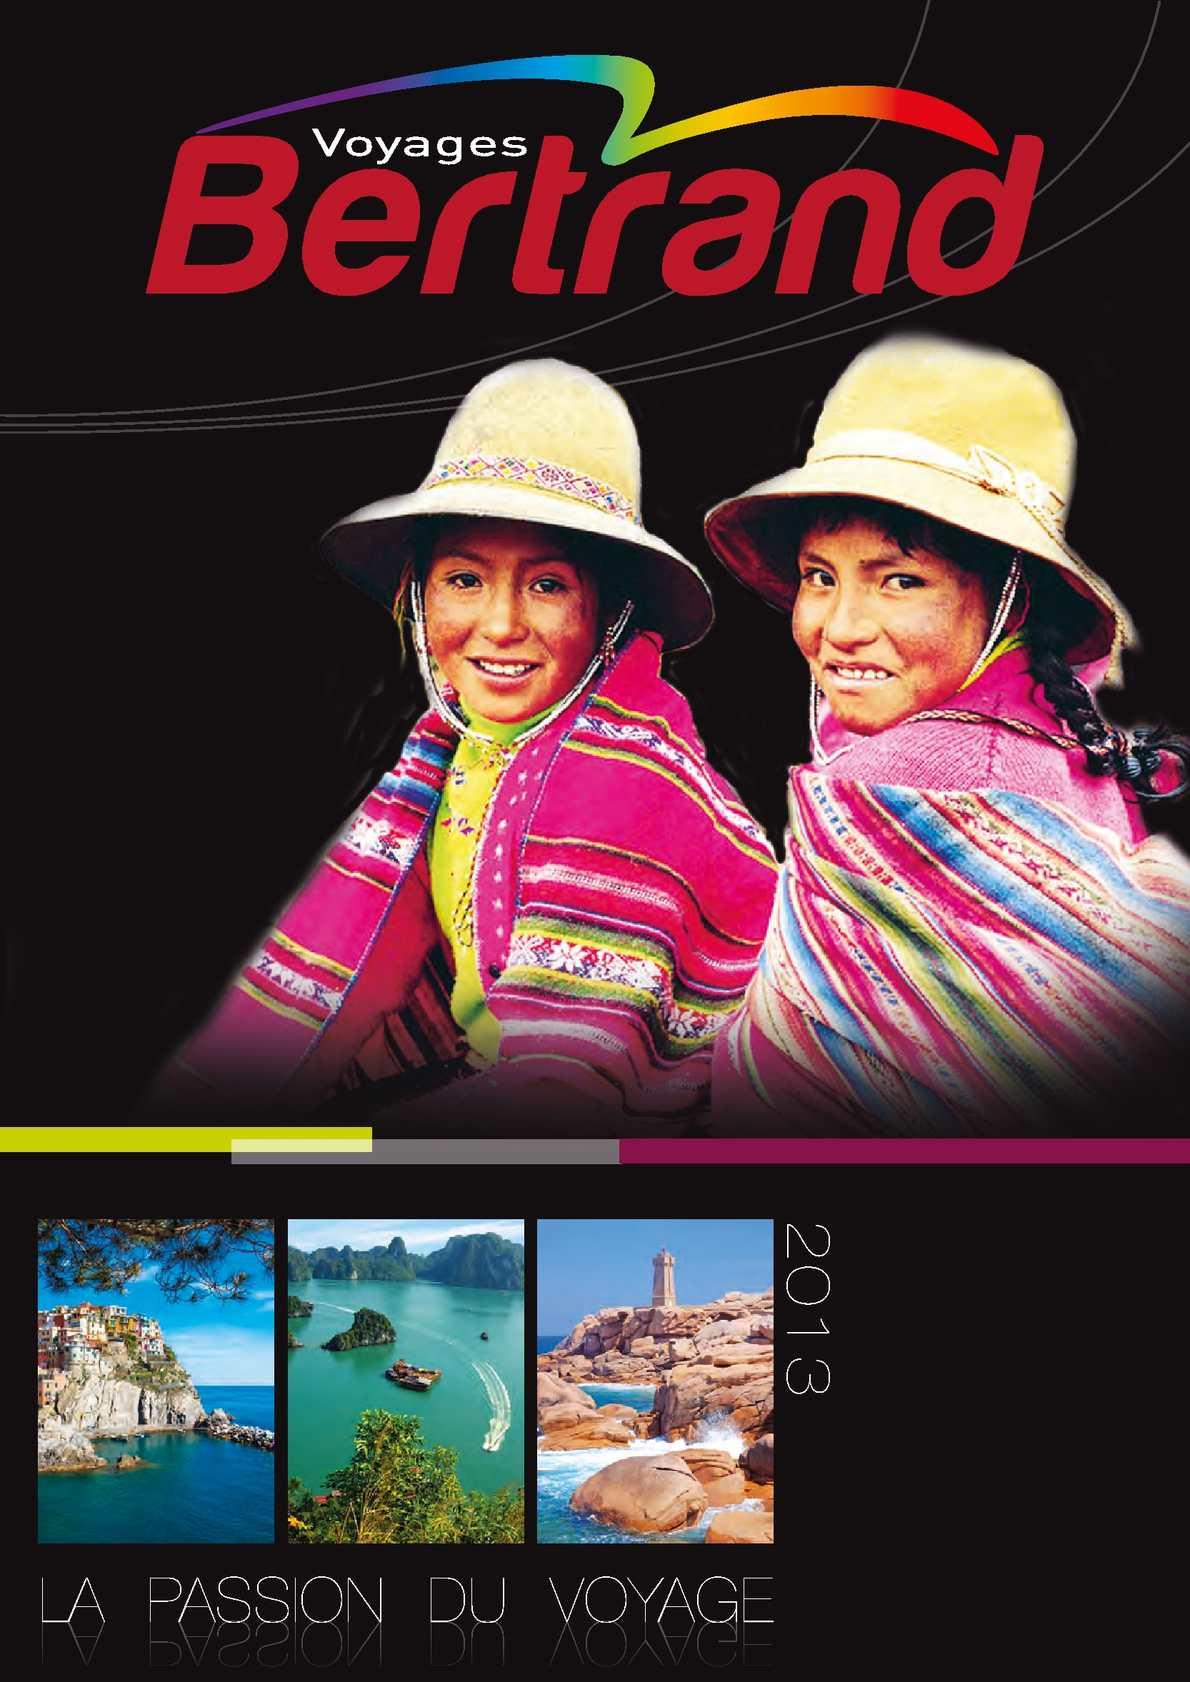 Catalogue Calaméo Catalogue Bertrand Voyages Voyages Bertrand Calaméo N08Ownvm